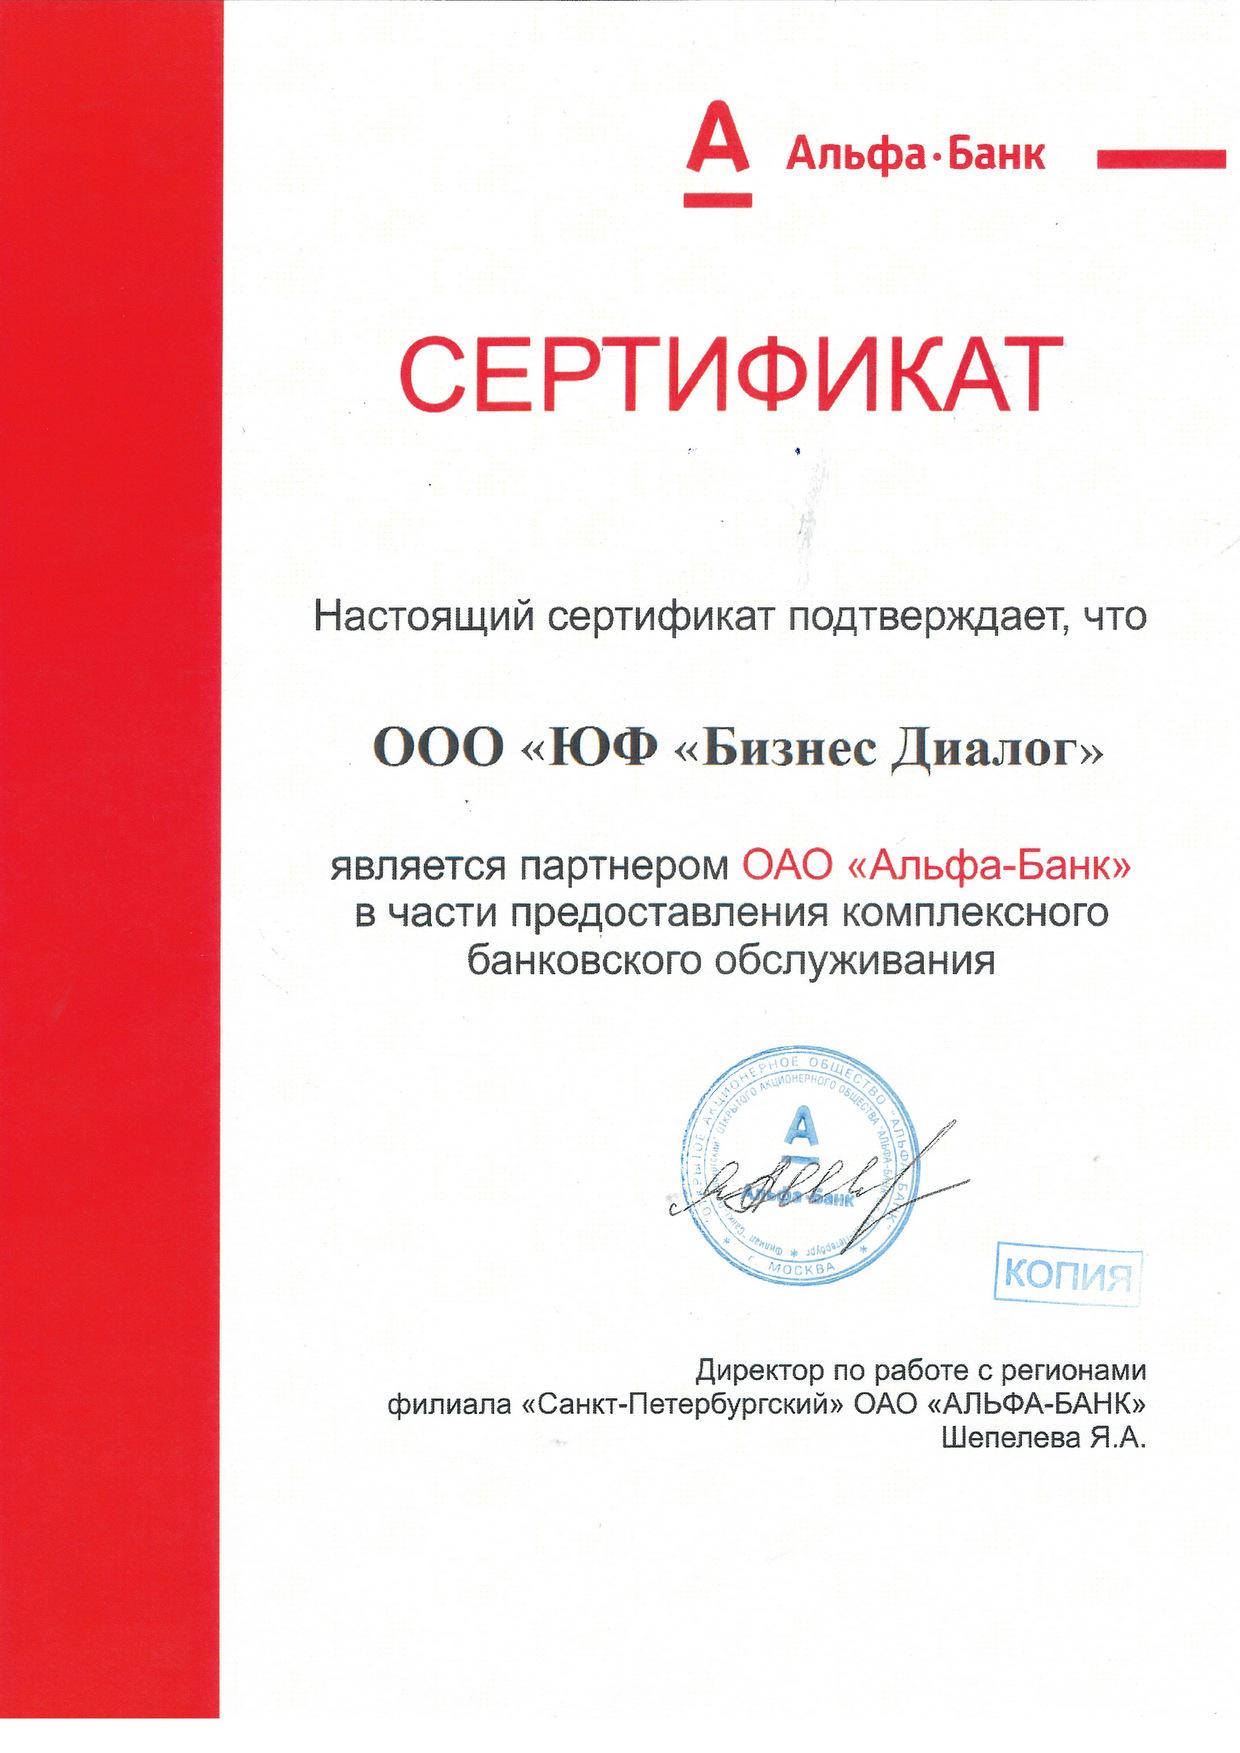 Альфа банк регистрации ооо сбербанк бухгалтерия